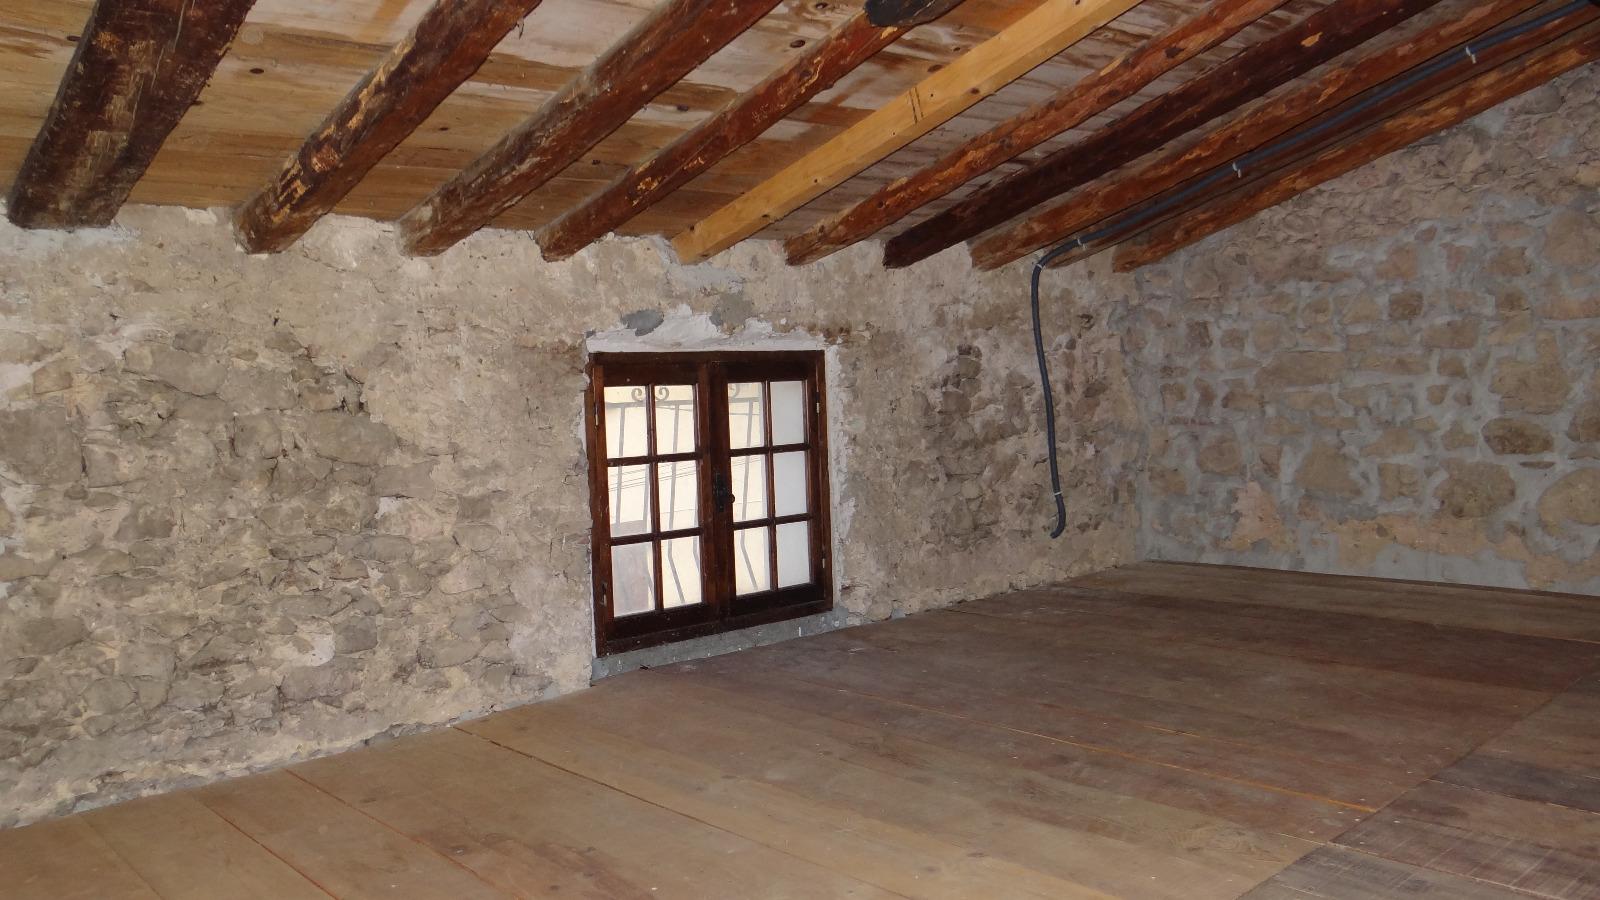 Achat Maison Aude Of Puivert Maison Vendre Proche Lac Et Forts Dans L 39 Aude